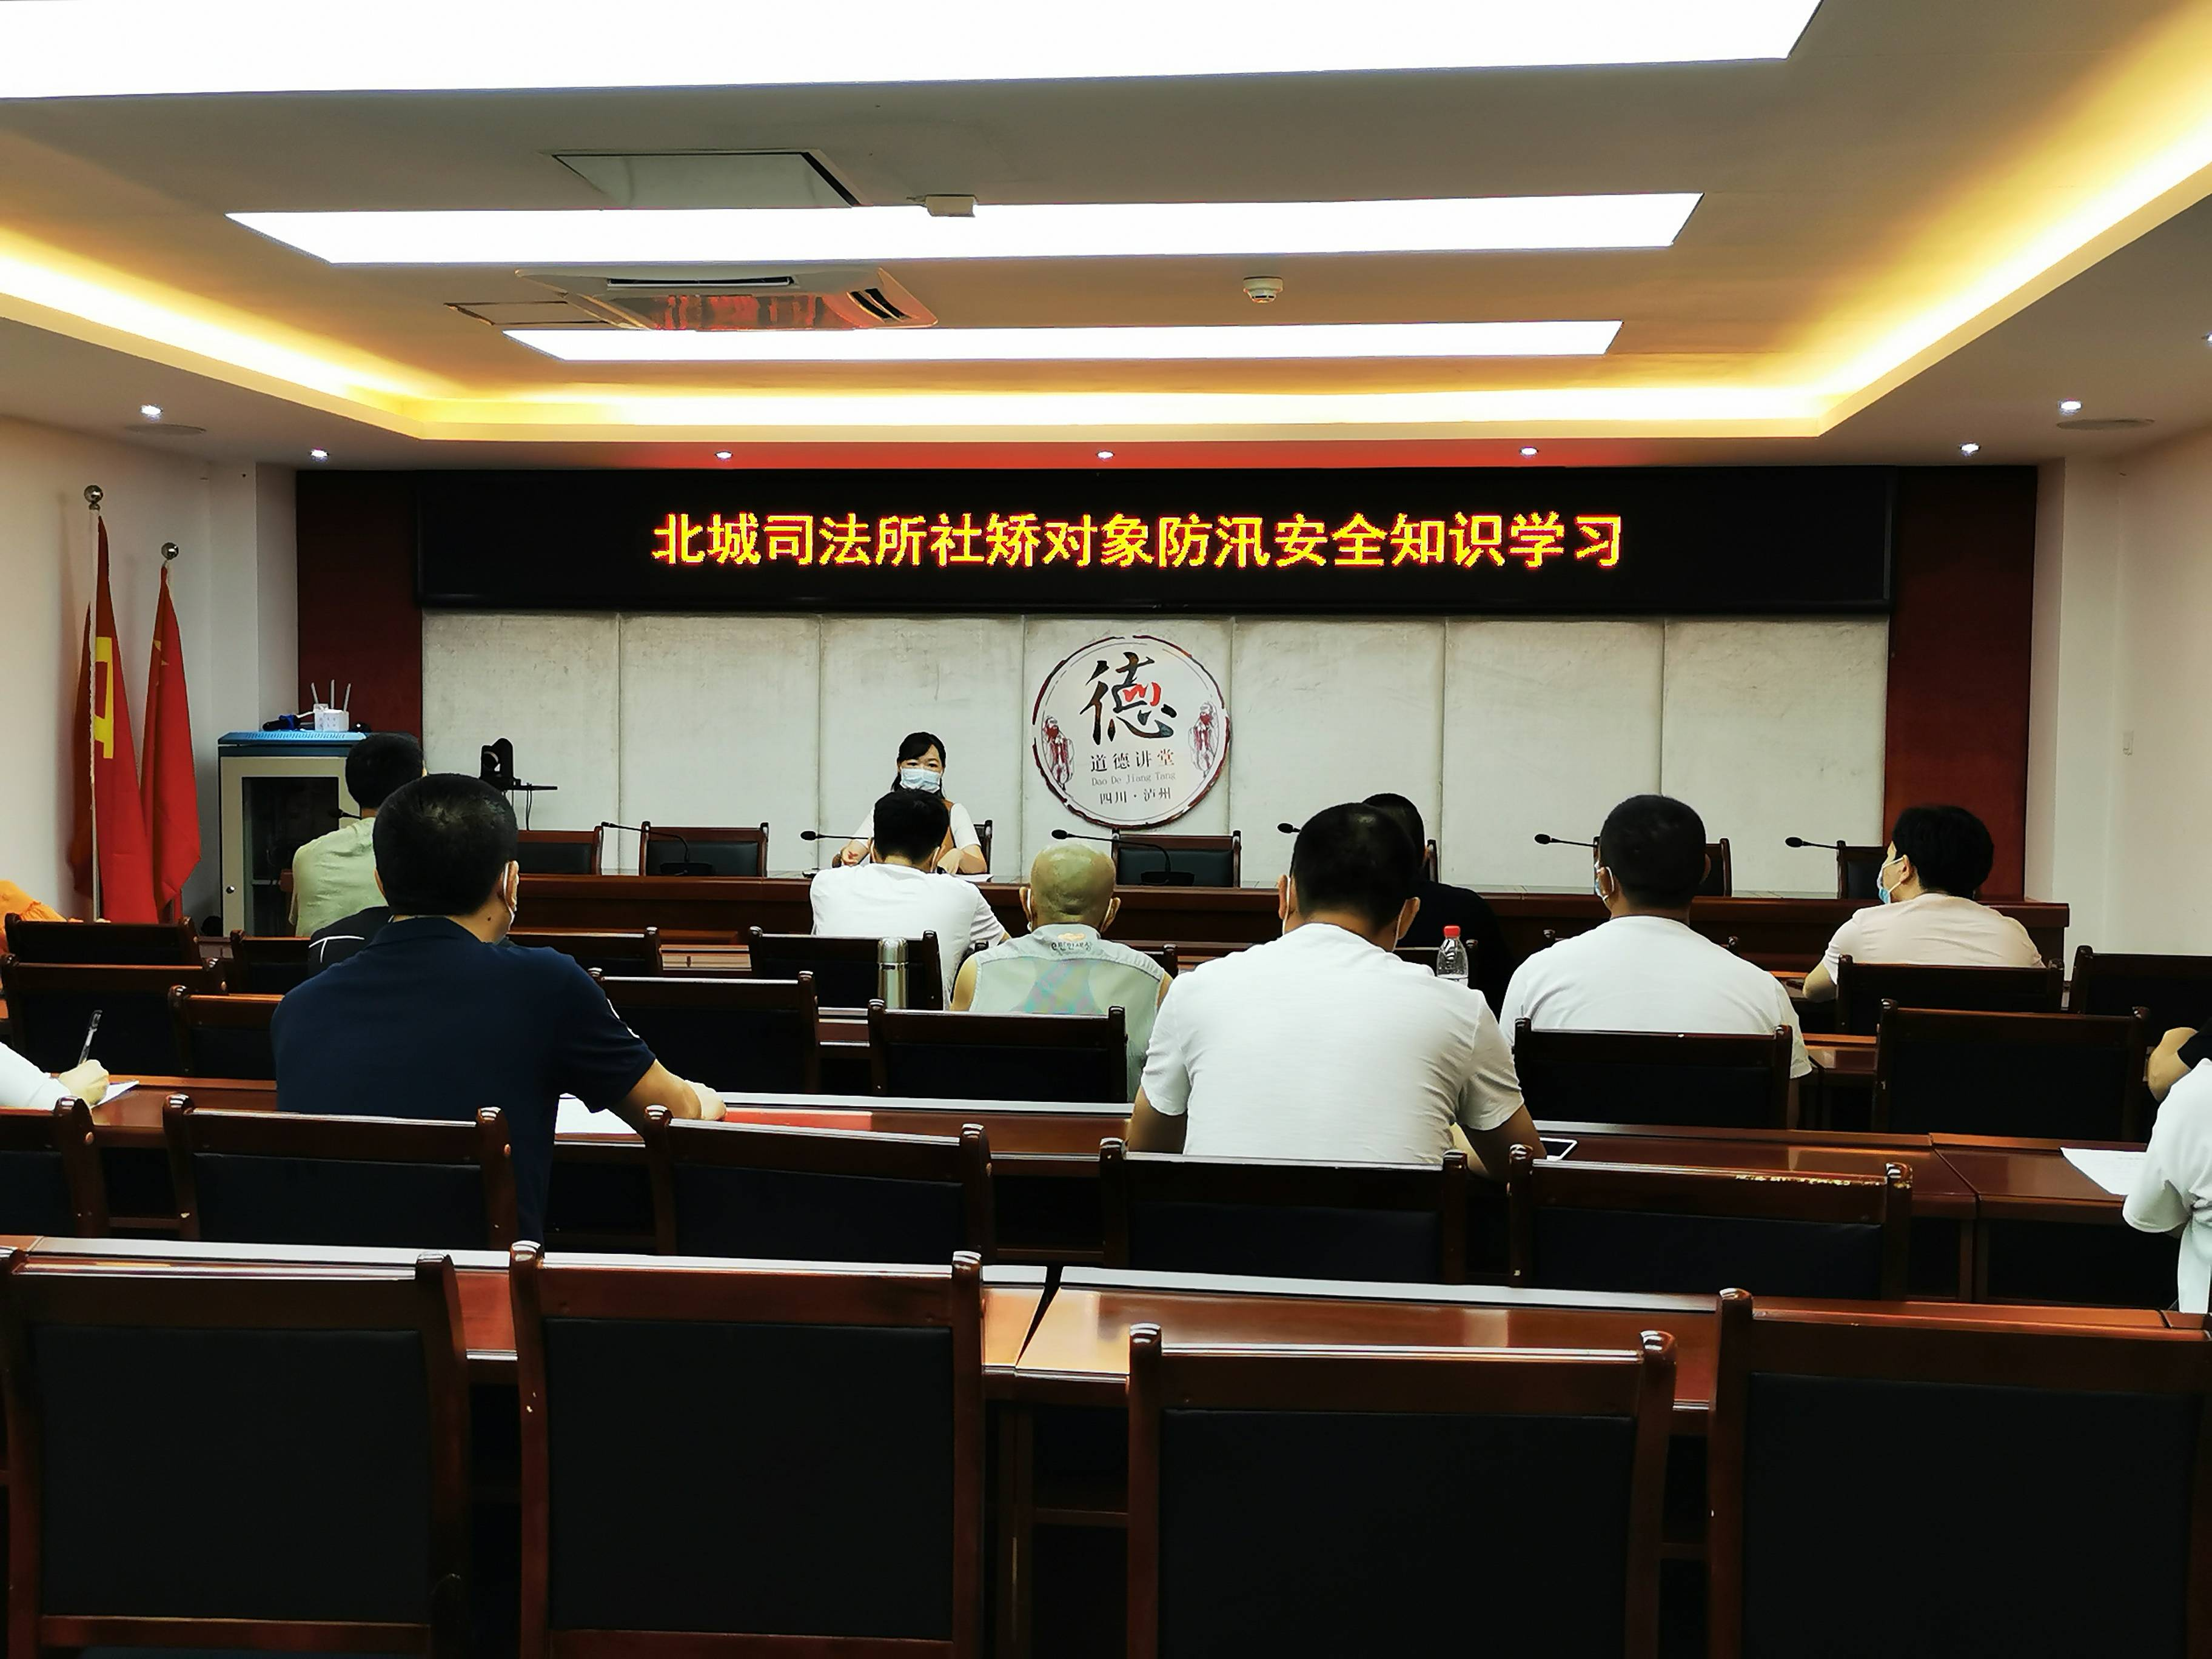 四川泸州:北城司法所组织社区矫正对象开展防汛安全知识学习